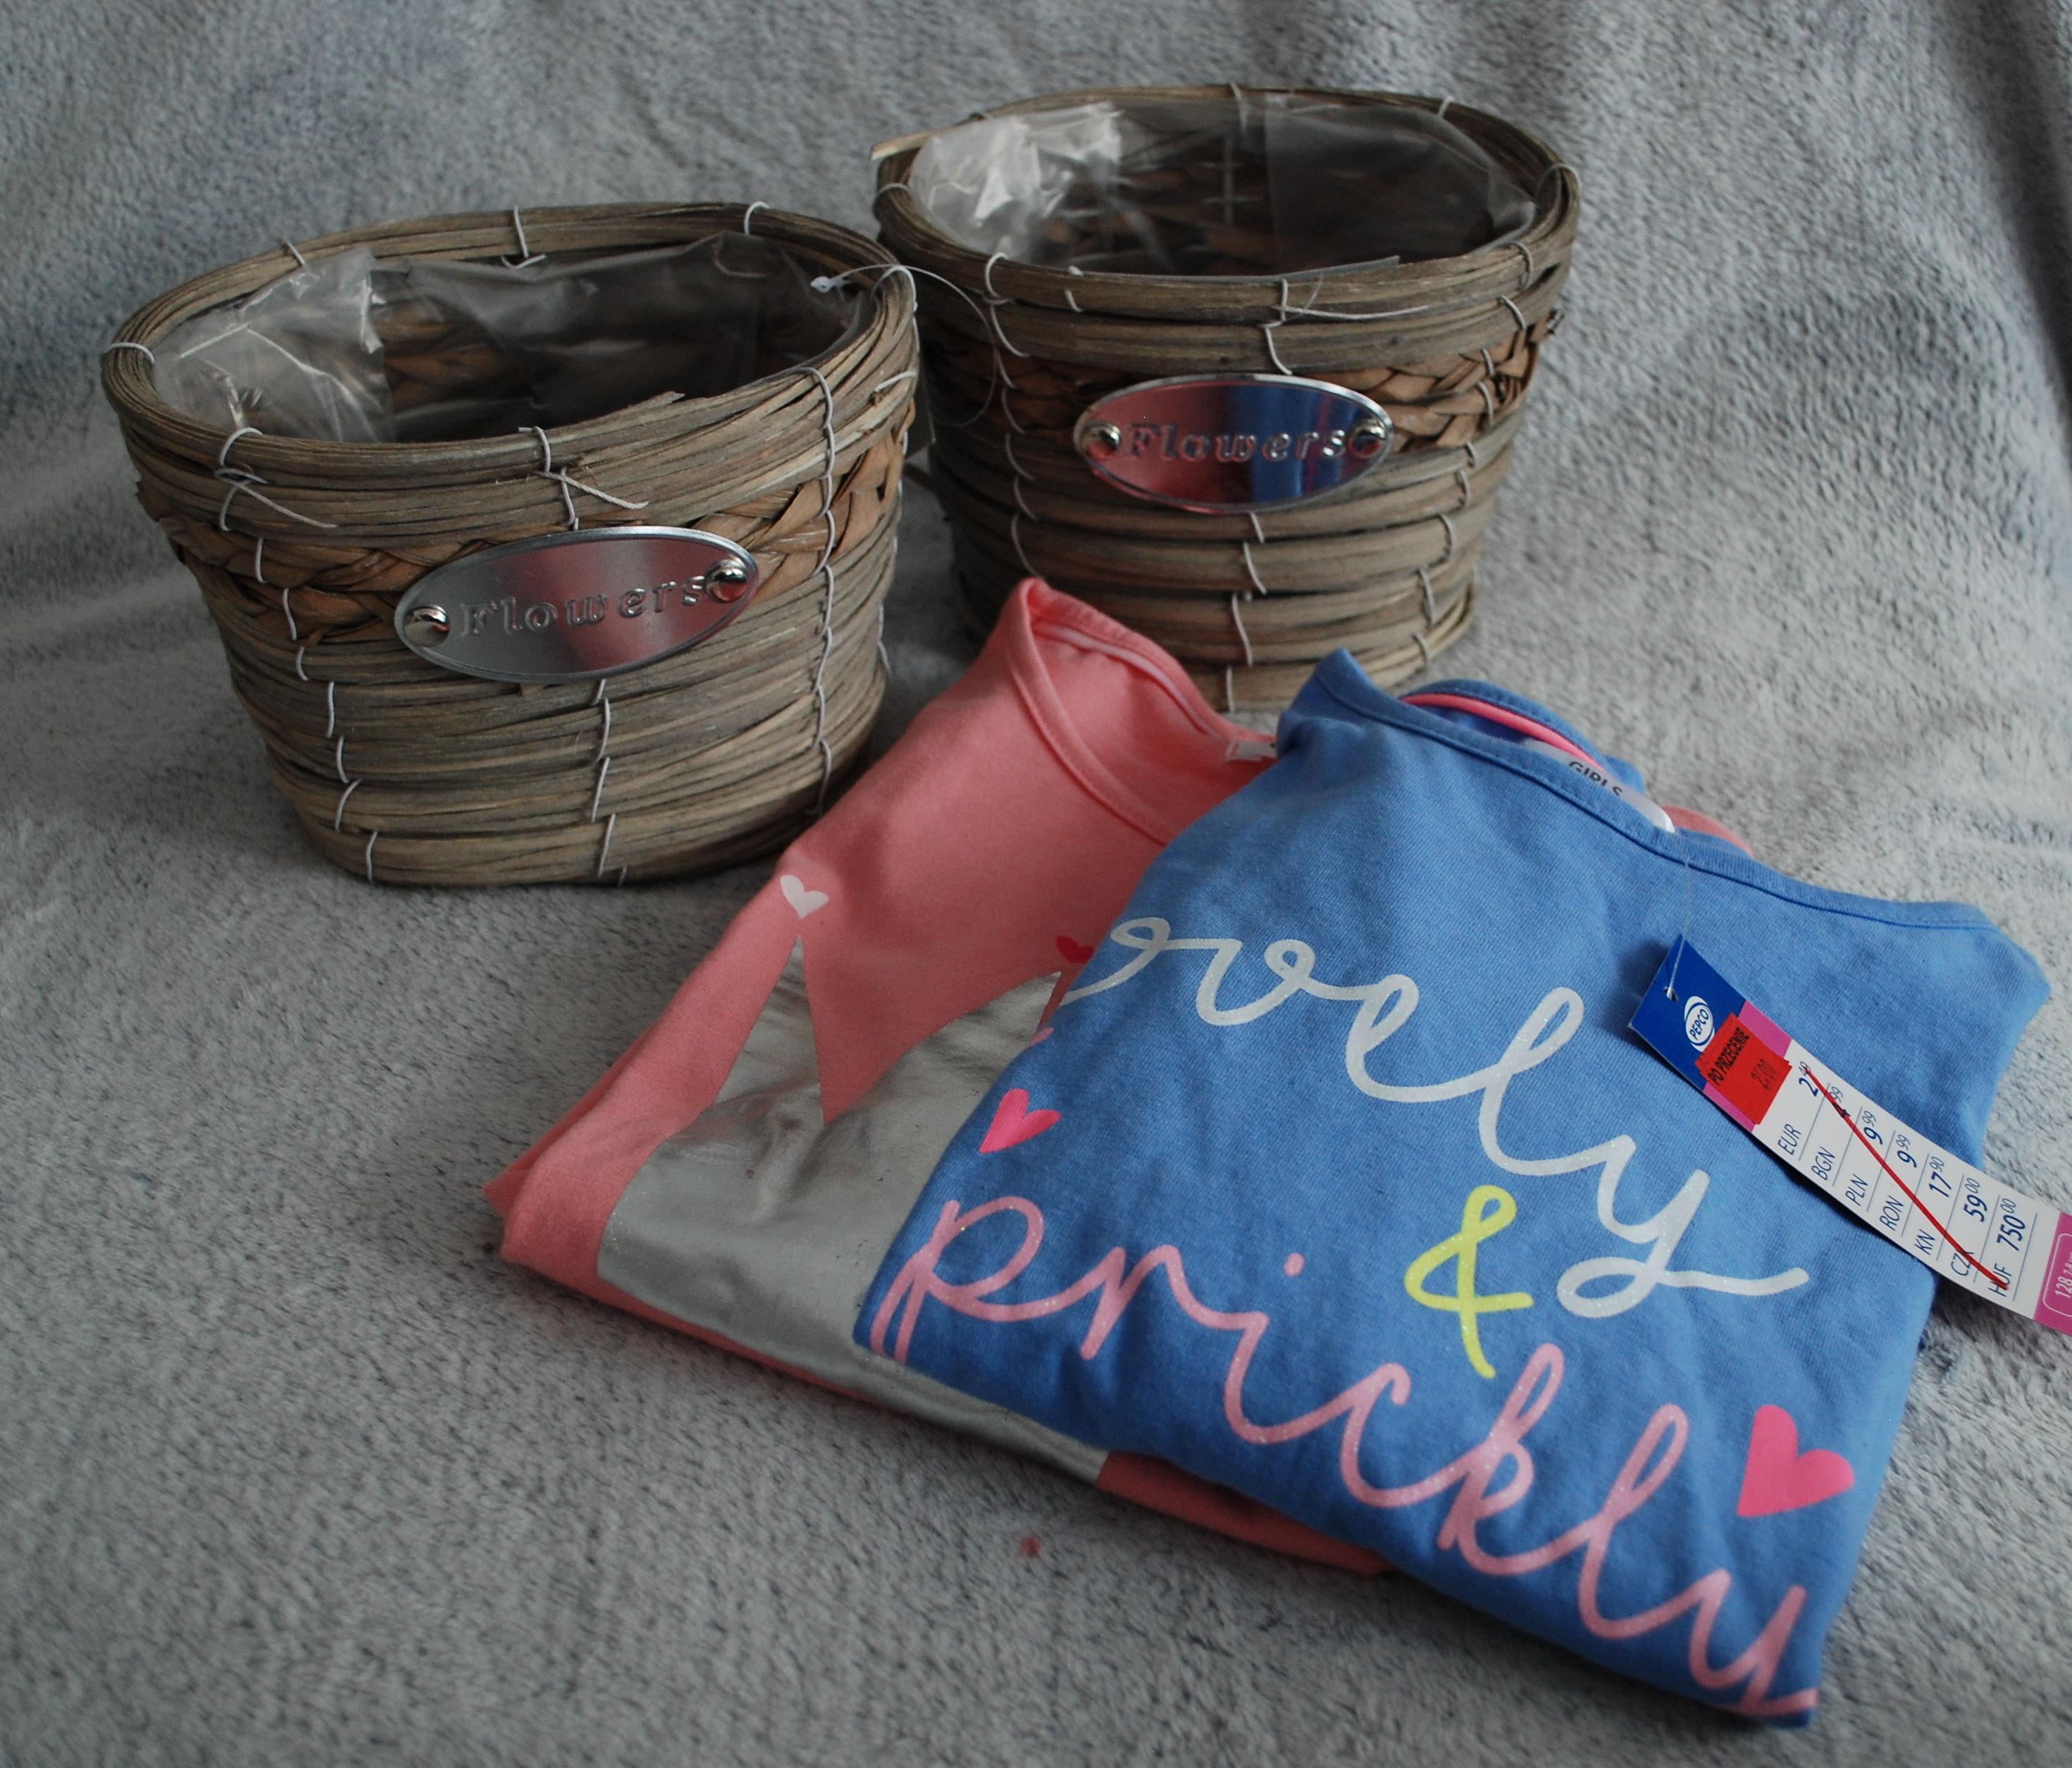 Osłonka - koszyk, doniczka, bluzeczki dla dziewczynki, Pepco